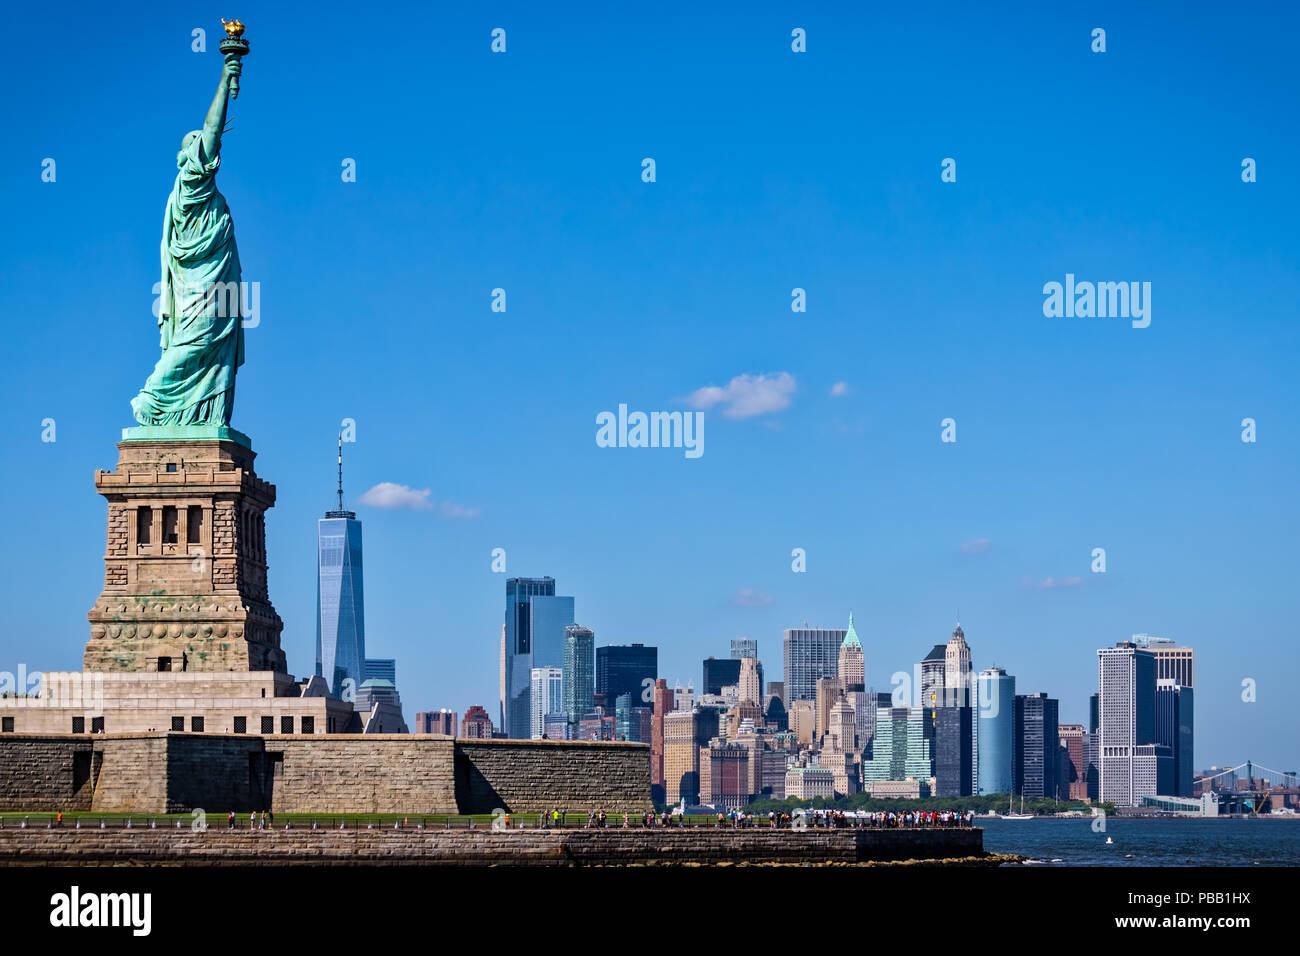 La Statue de la Liberté à New York City dans l'arrière-plan. Photo Stock